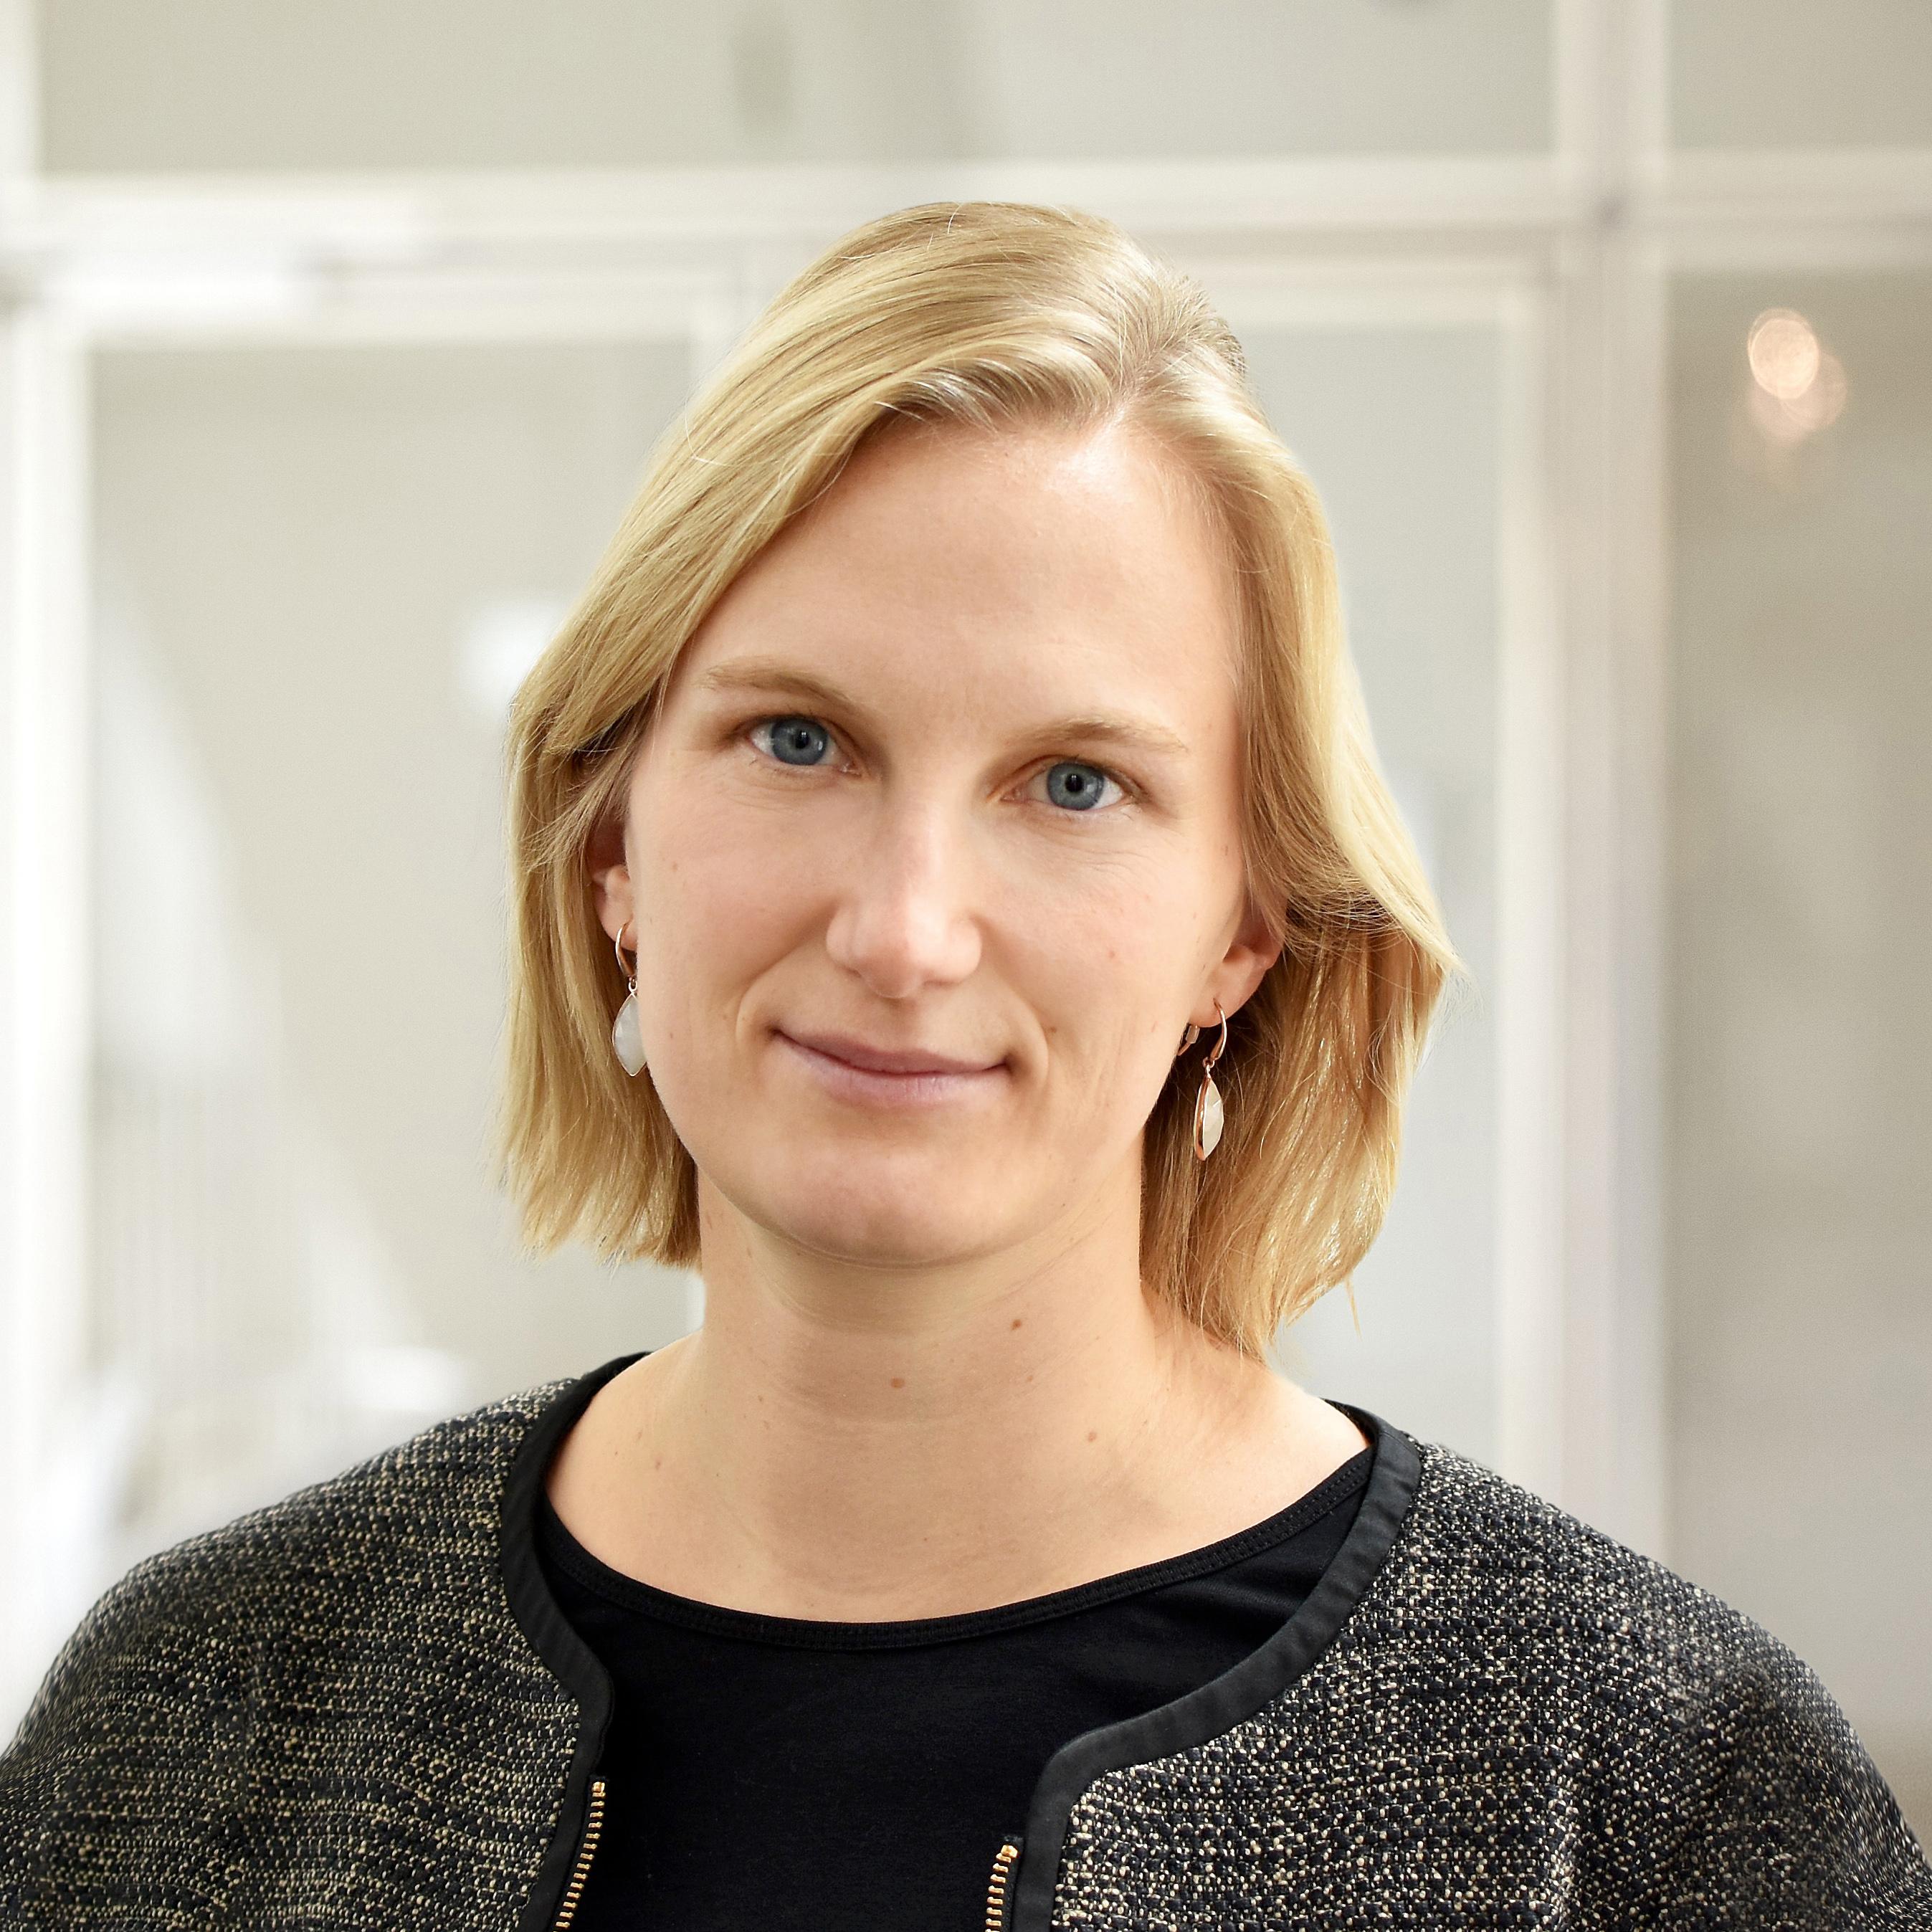 Dr. Carola Braun